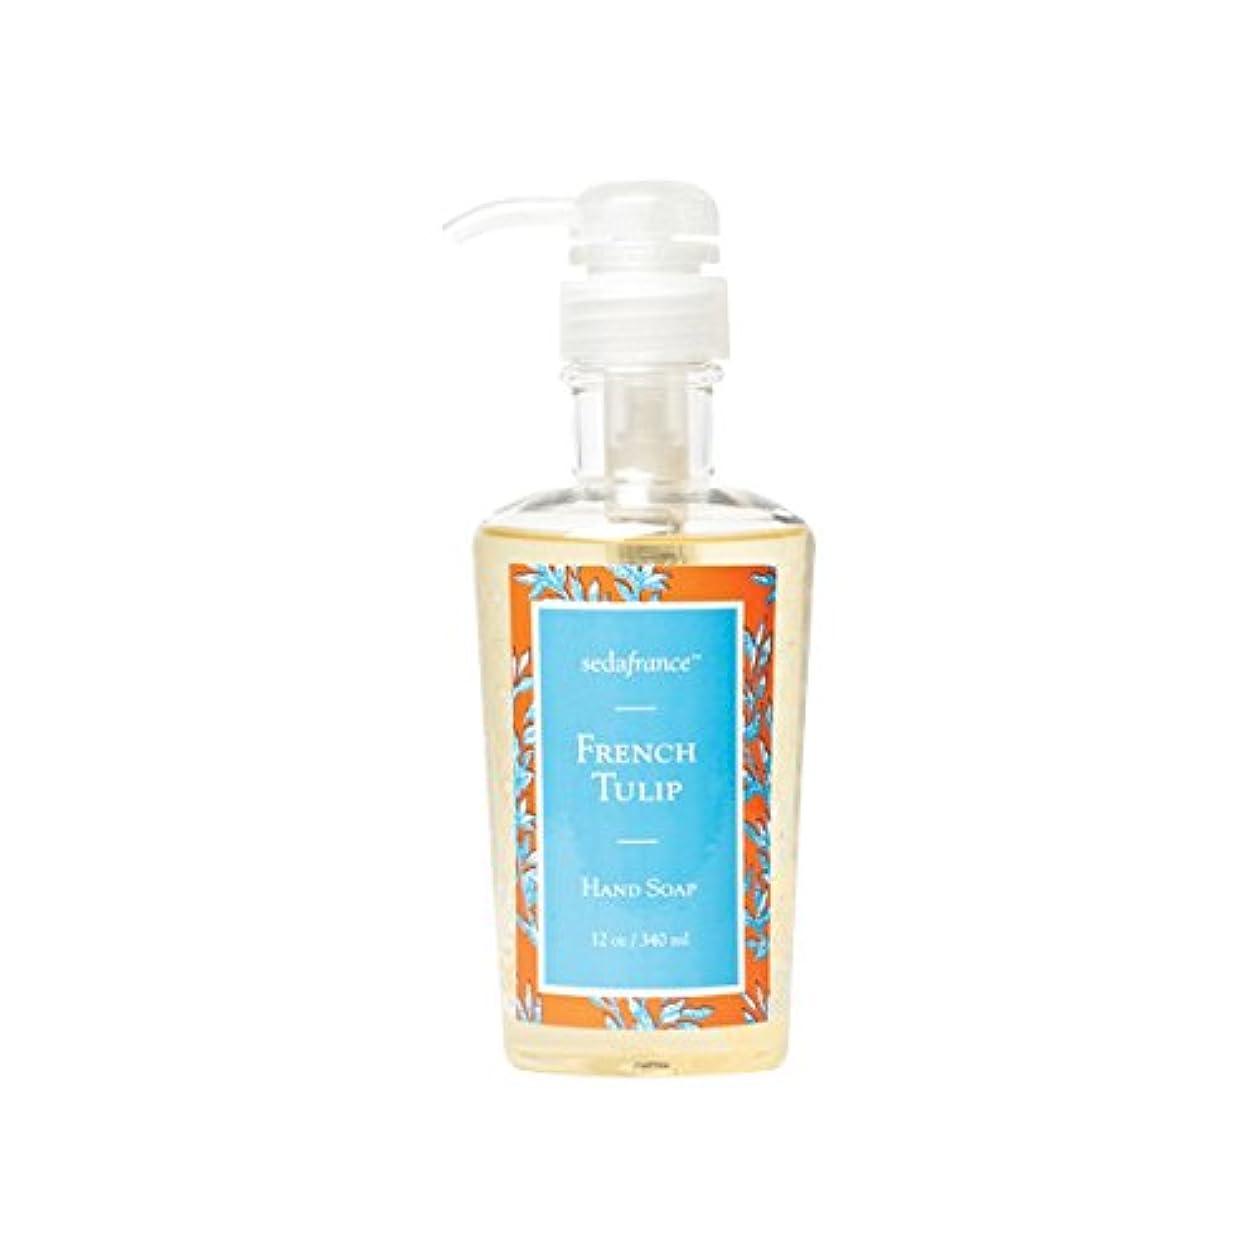 限定渇きペルソナClassic Toile French Tulip Liquid Hand Soap by Seda France